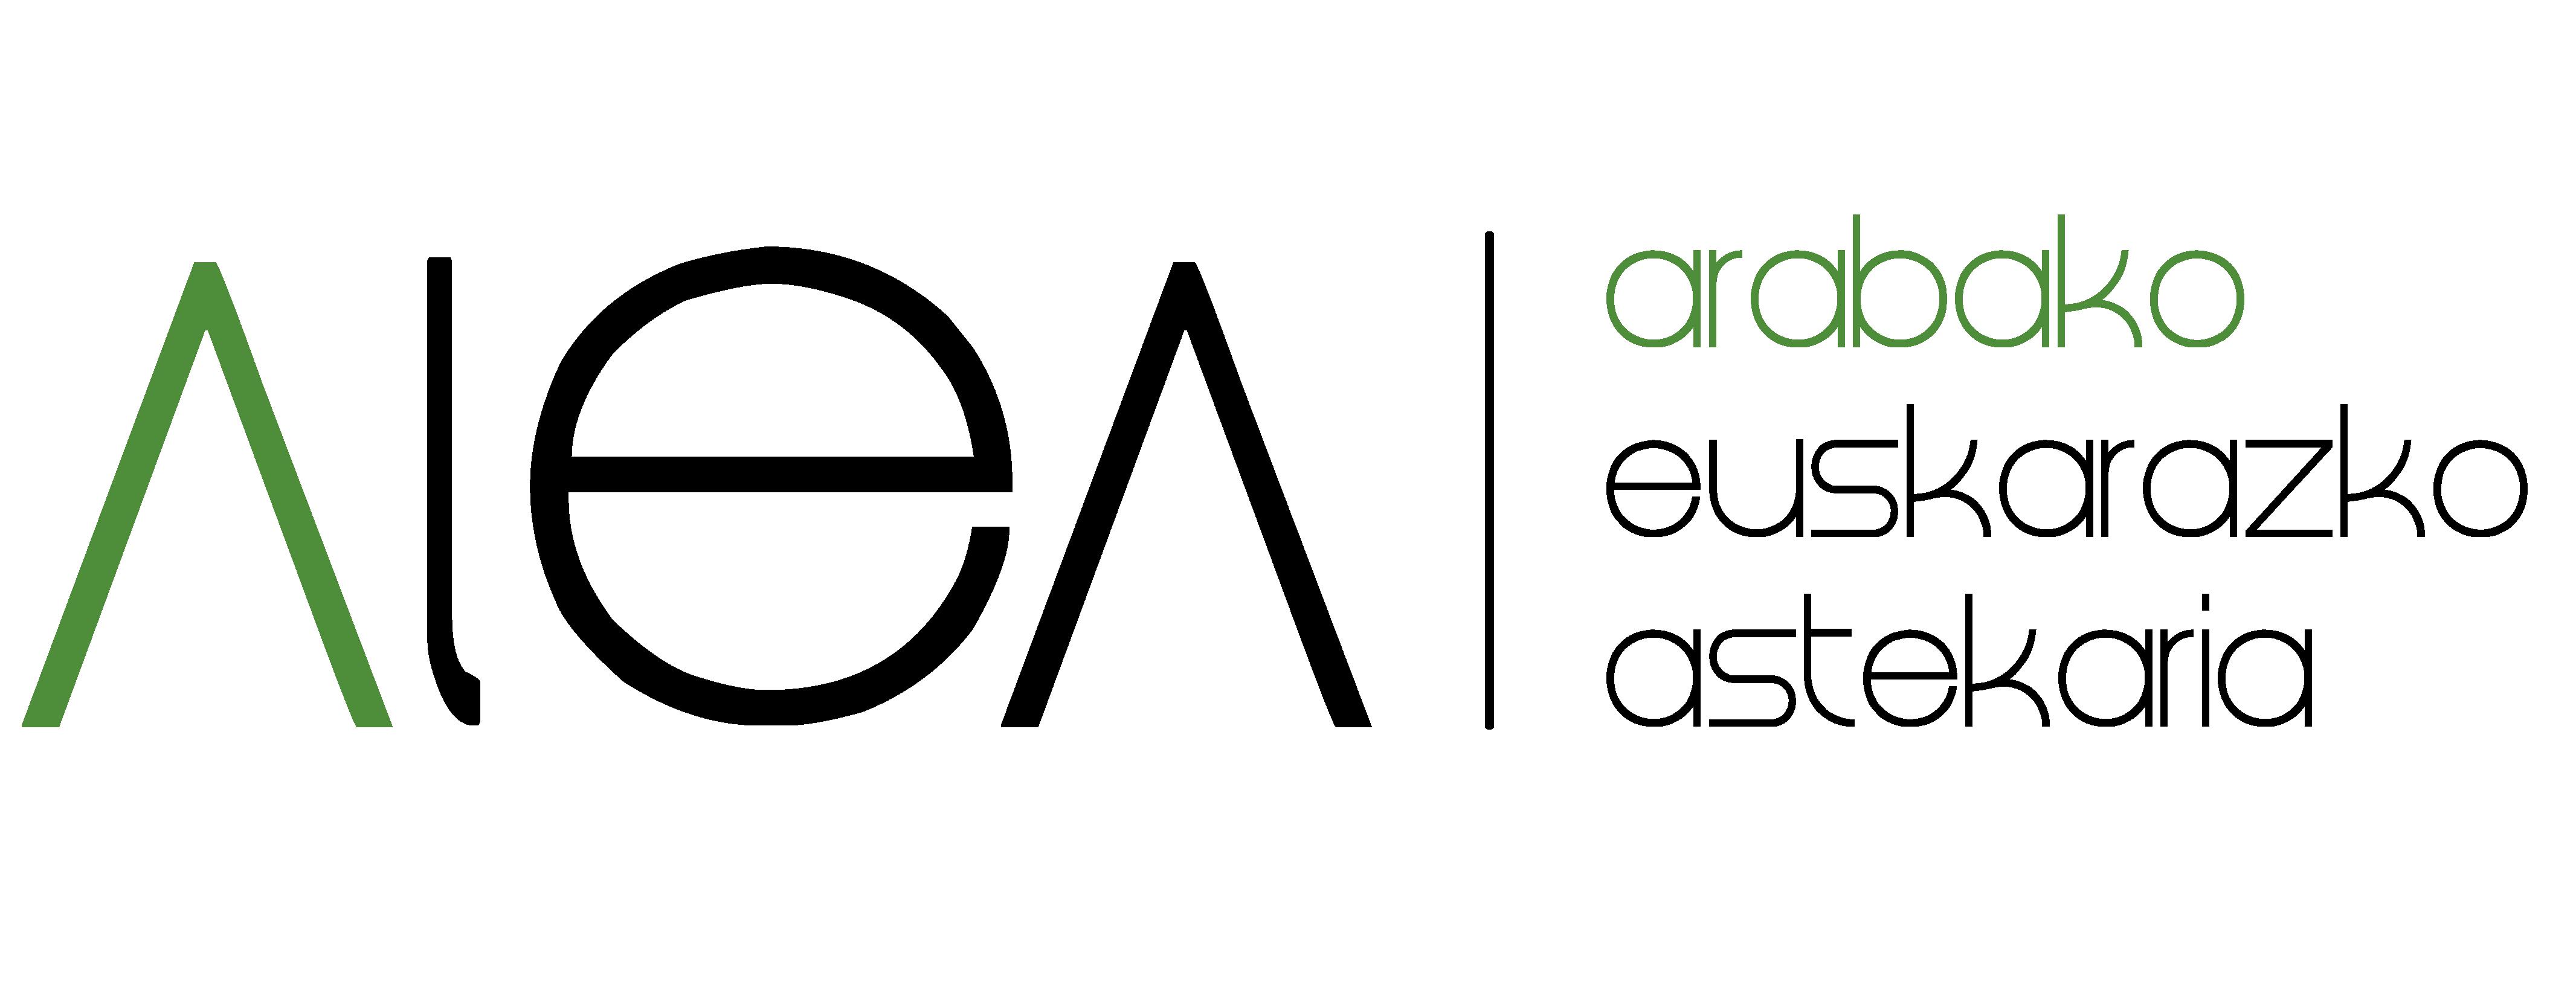 ig karratu - alea logotipoa